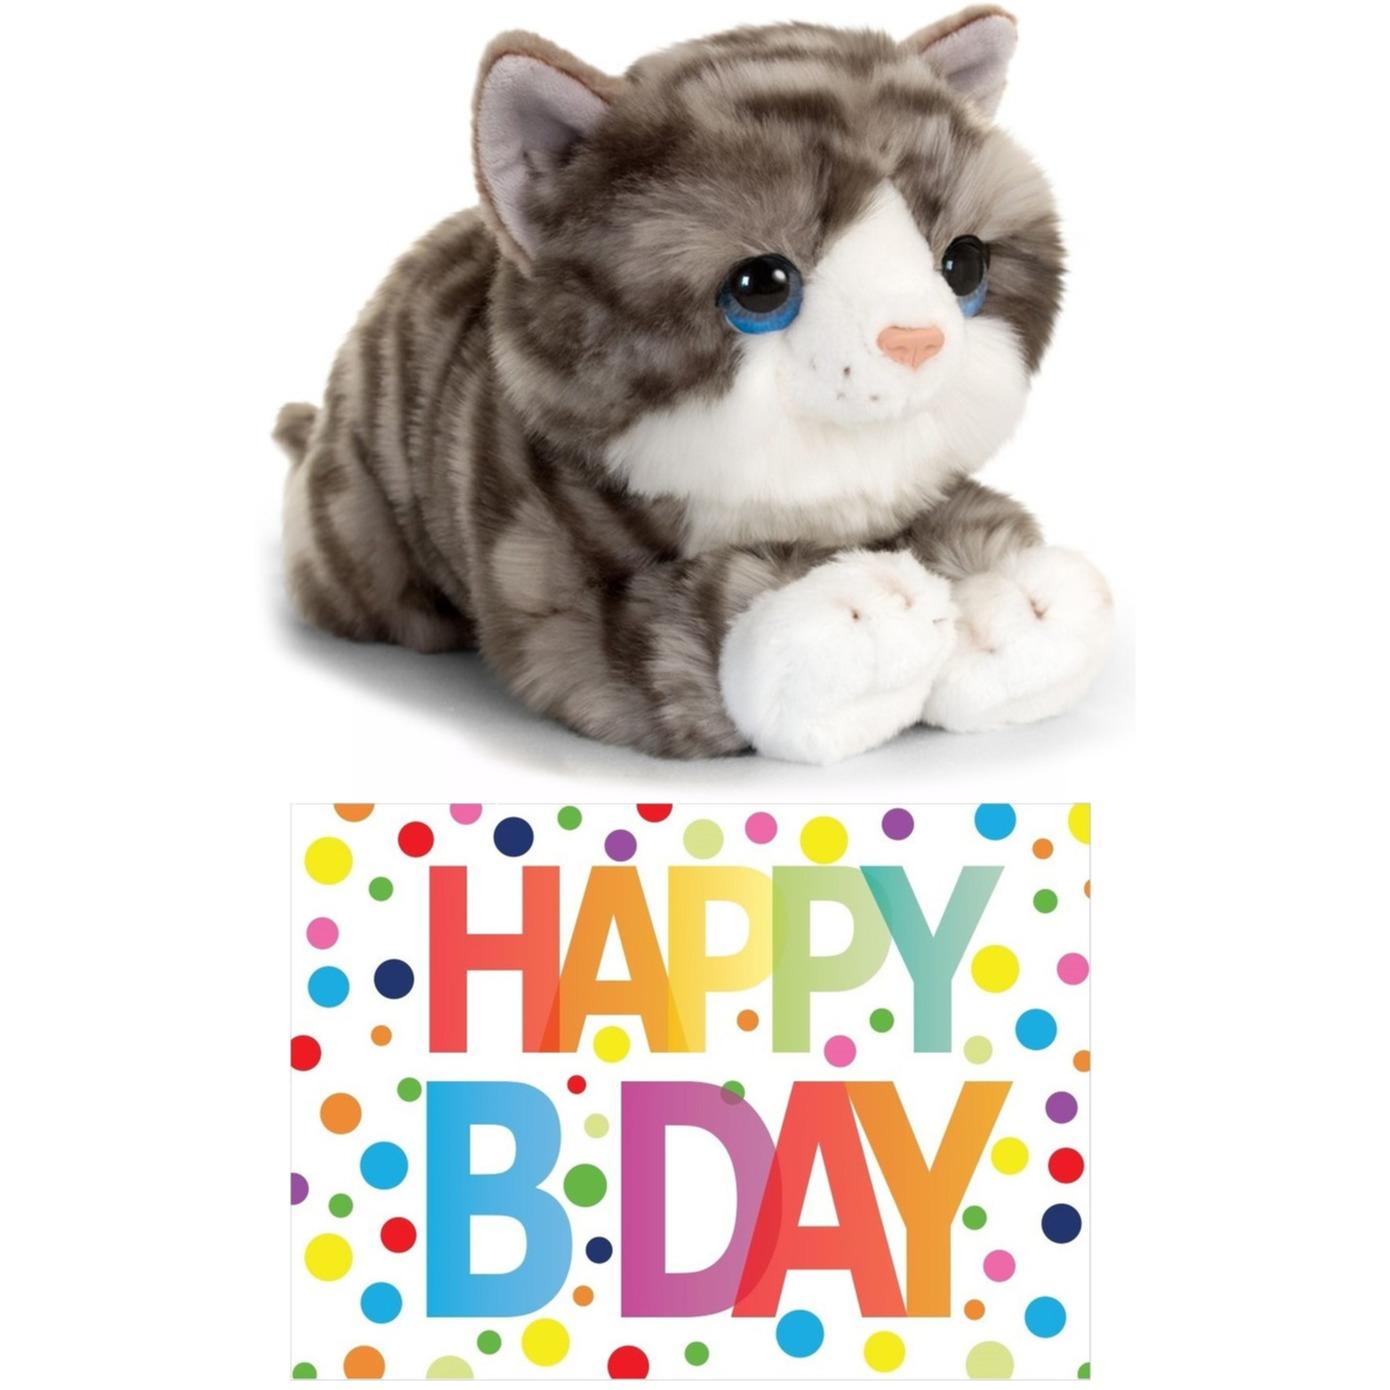 Cadeau setje pluche grijze kat/poes knuffel 32 cm met Happy Birthday wenskaart